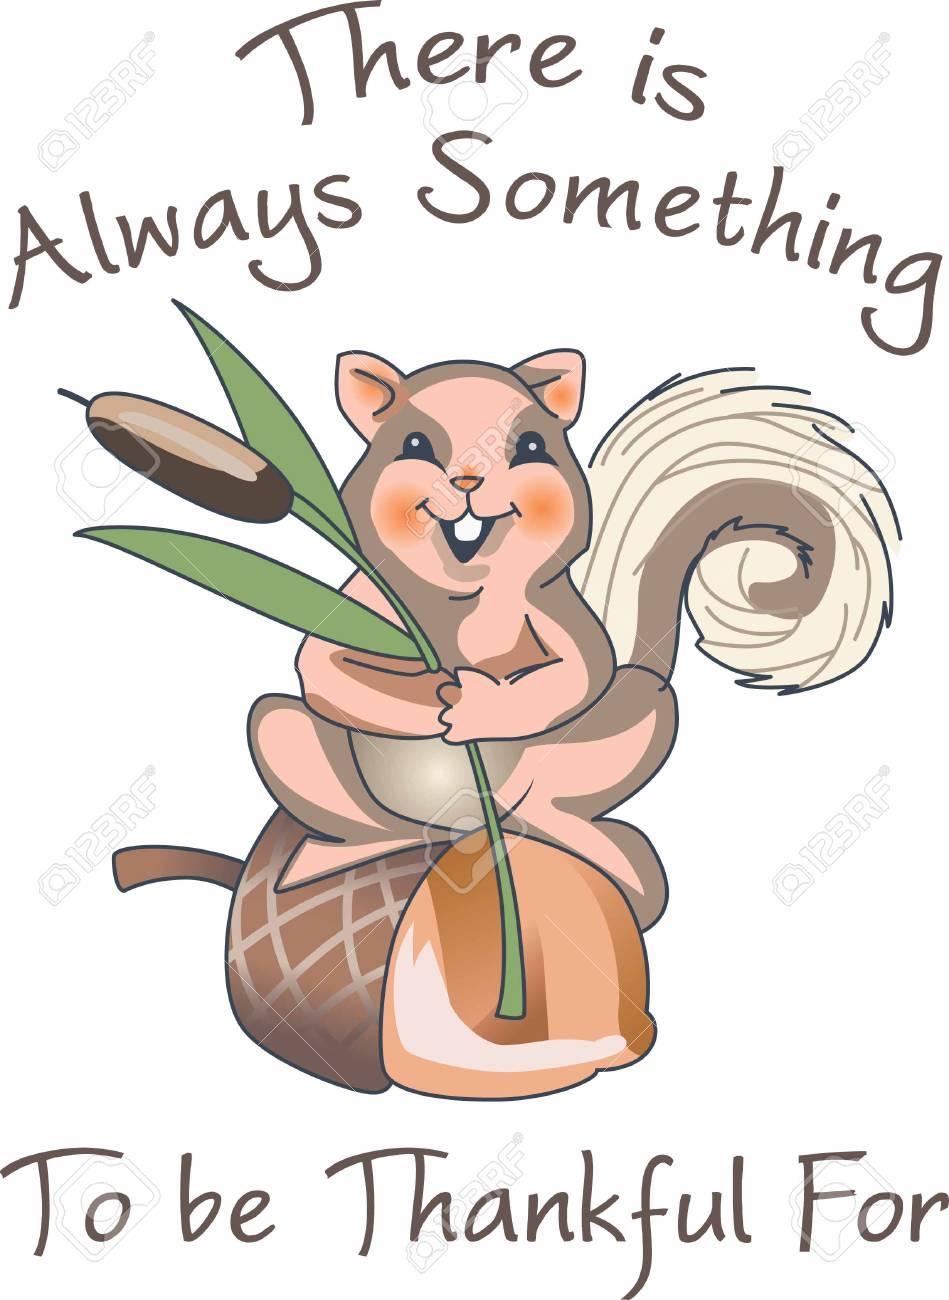 Eine Niedliche Eichhörnchen Ist Ein Spaß Herbst Dekor. Lizenzfrei ...